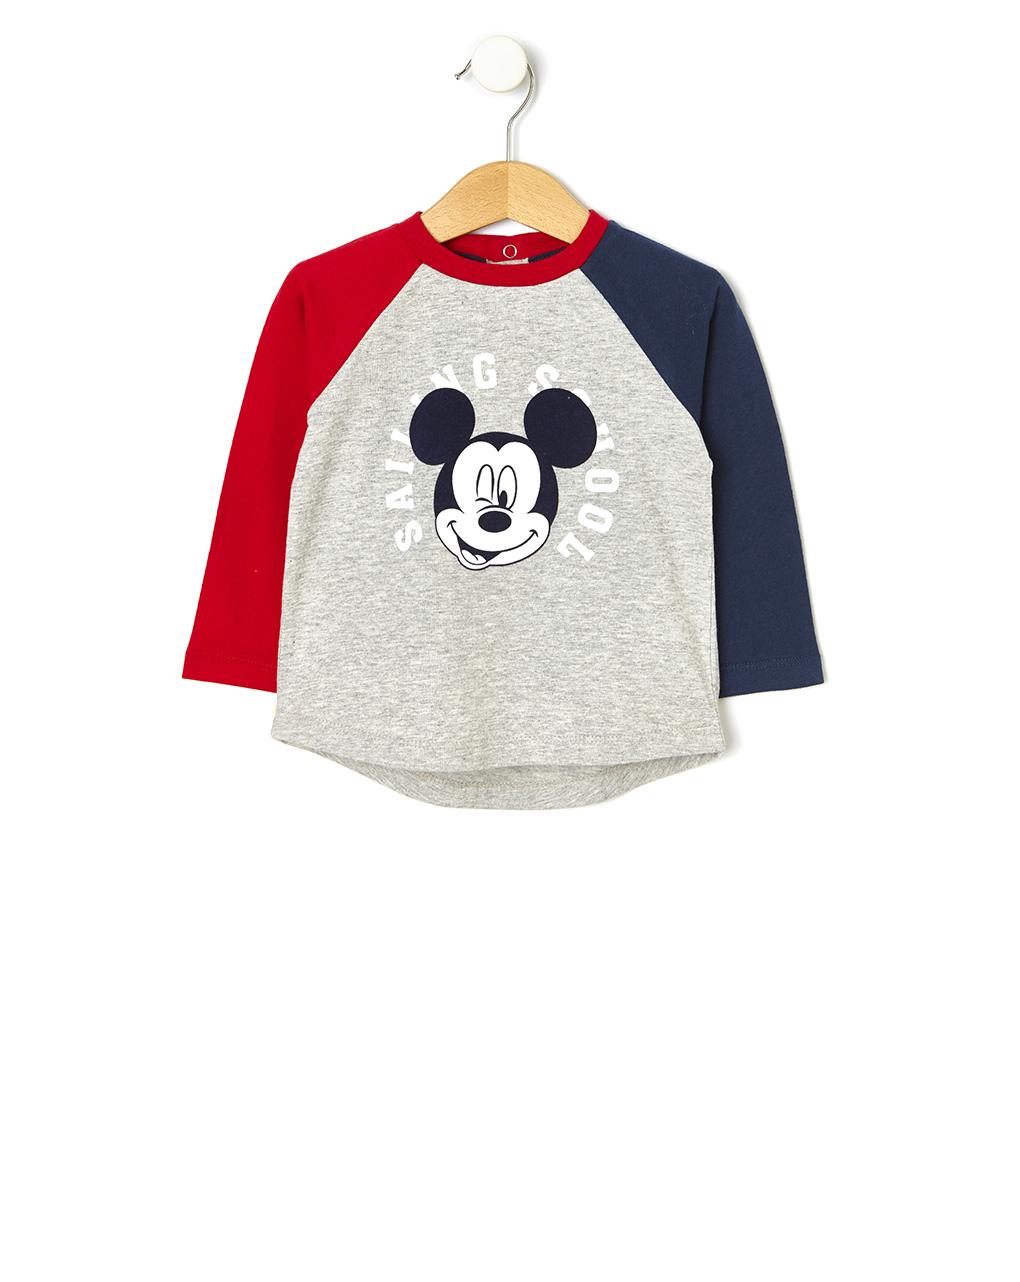 Μπλούζα Μακρυμάνικη με Στάμπα Mickey Mouse για Αγόρι